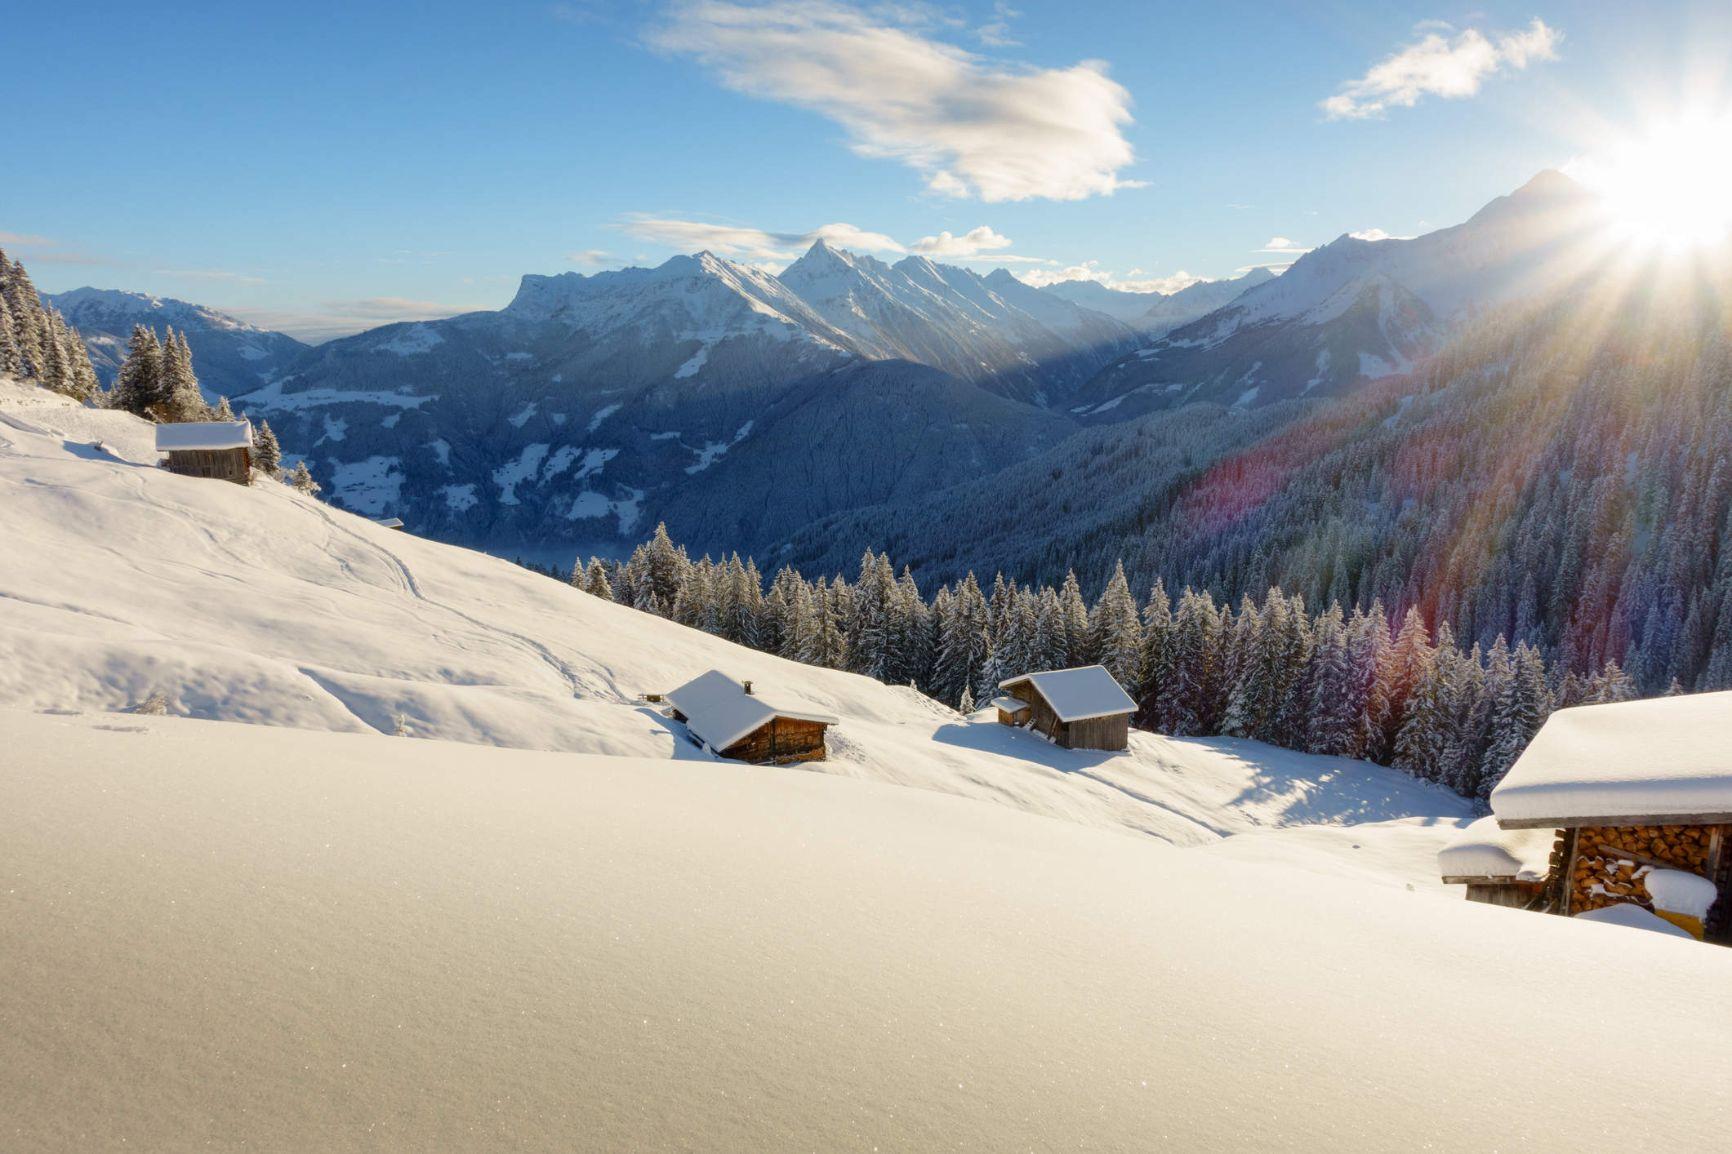 schih-tte-im-schigebiet-von-mayrhofenjpg